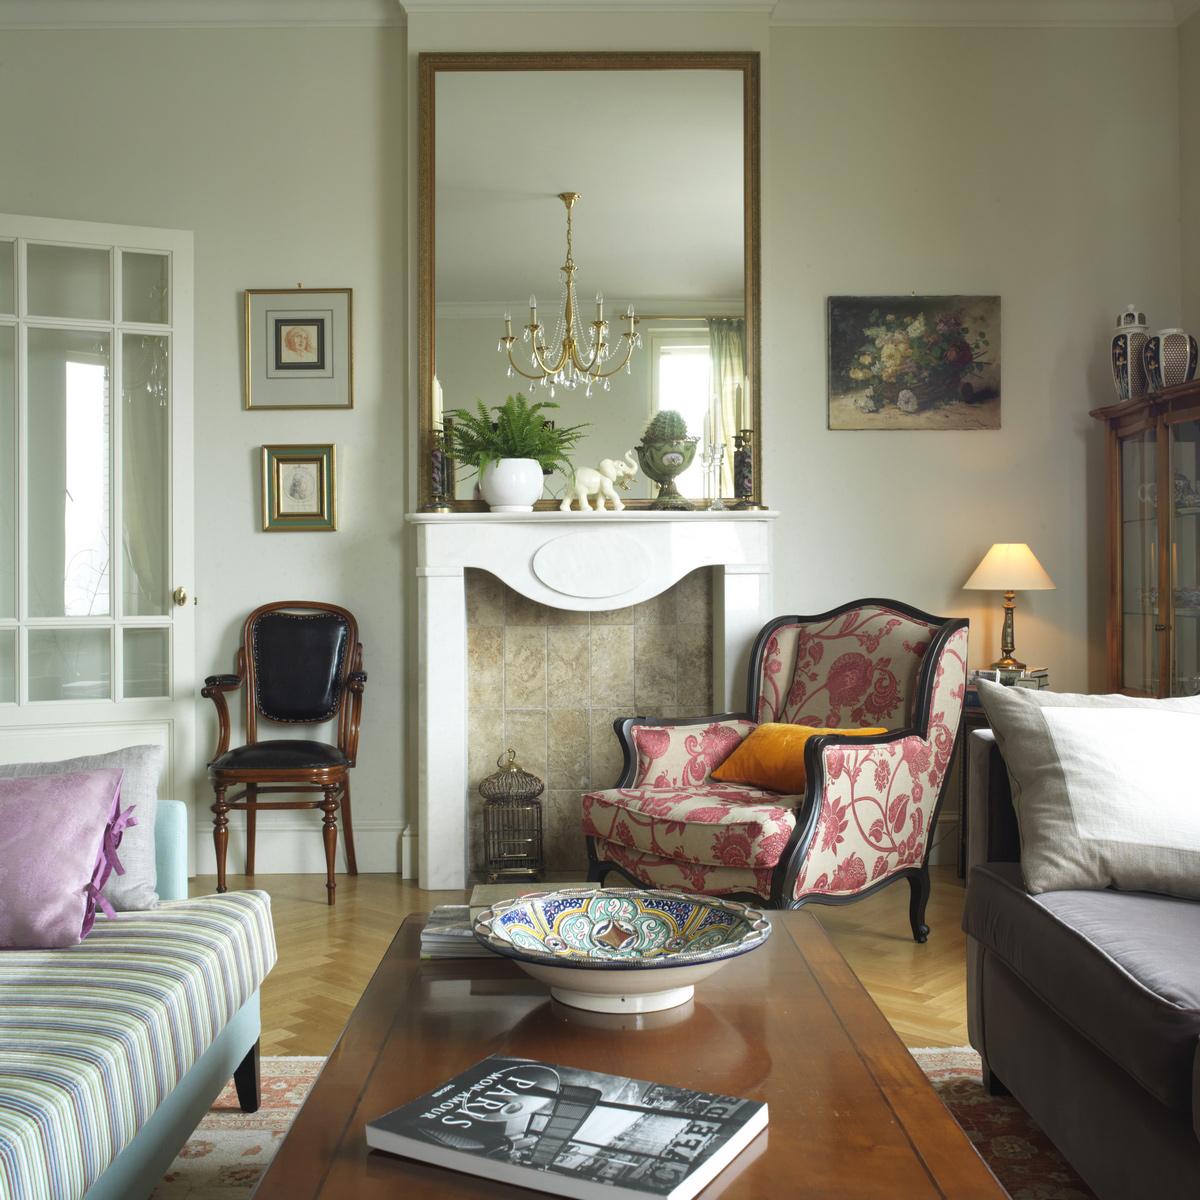 Зеркало и грамотно подобранный декор для гостиной с камином во французском стиле